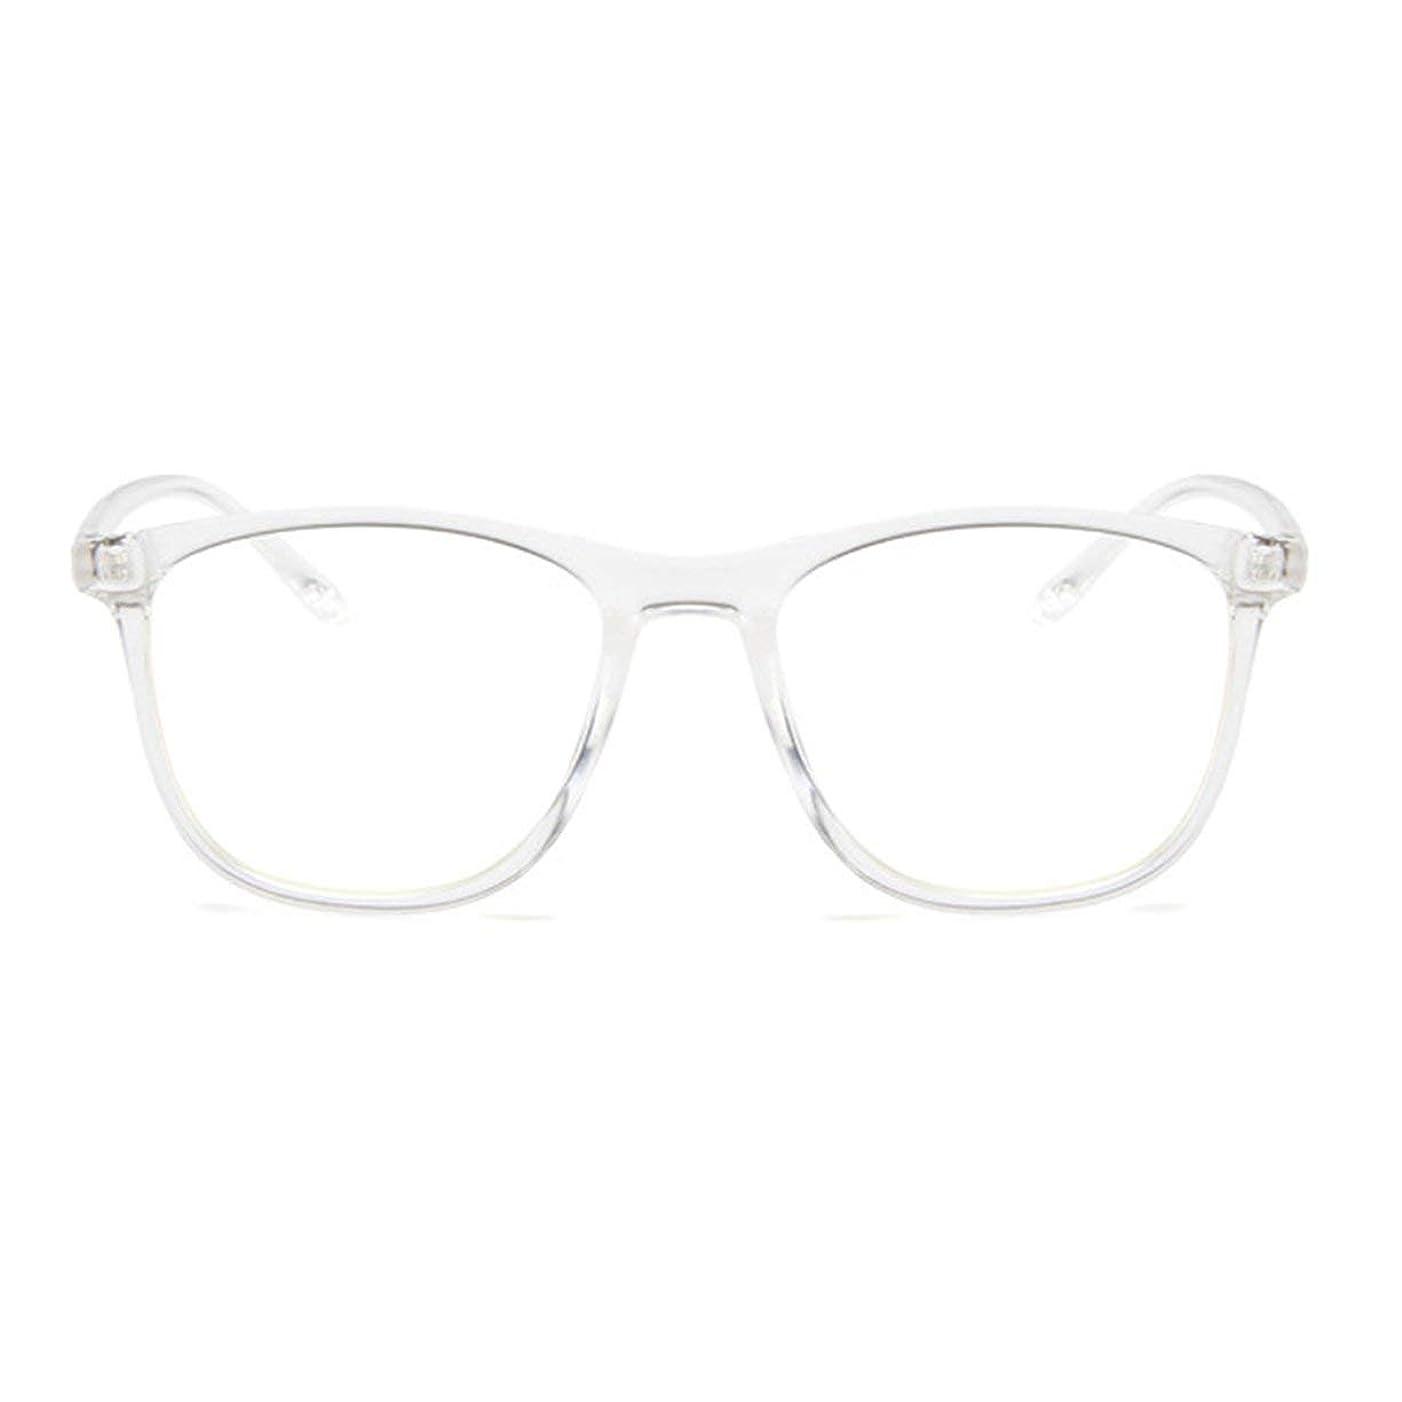 満員天気放つ韓国の学生のプレーンメガネ男性と女性のファッションメガネフレーム近視メガネフレームファッショナブルなシンプルなメガネ-透明ホワイト